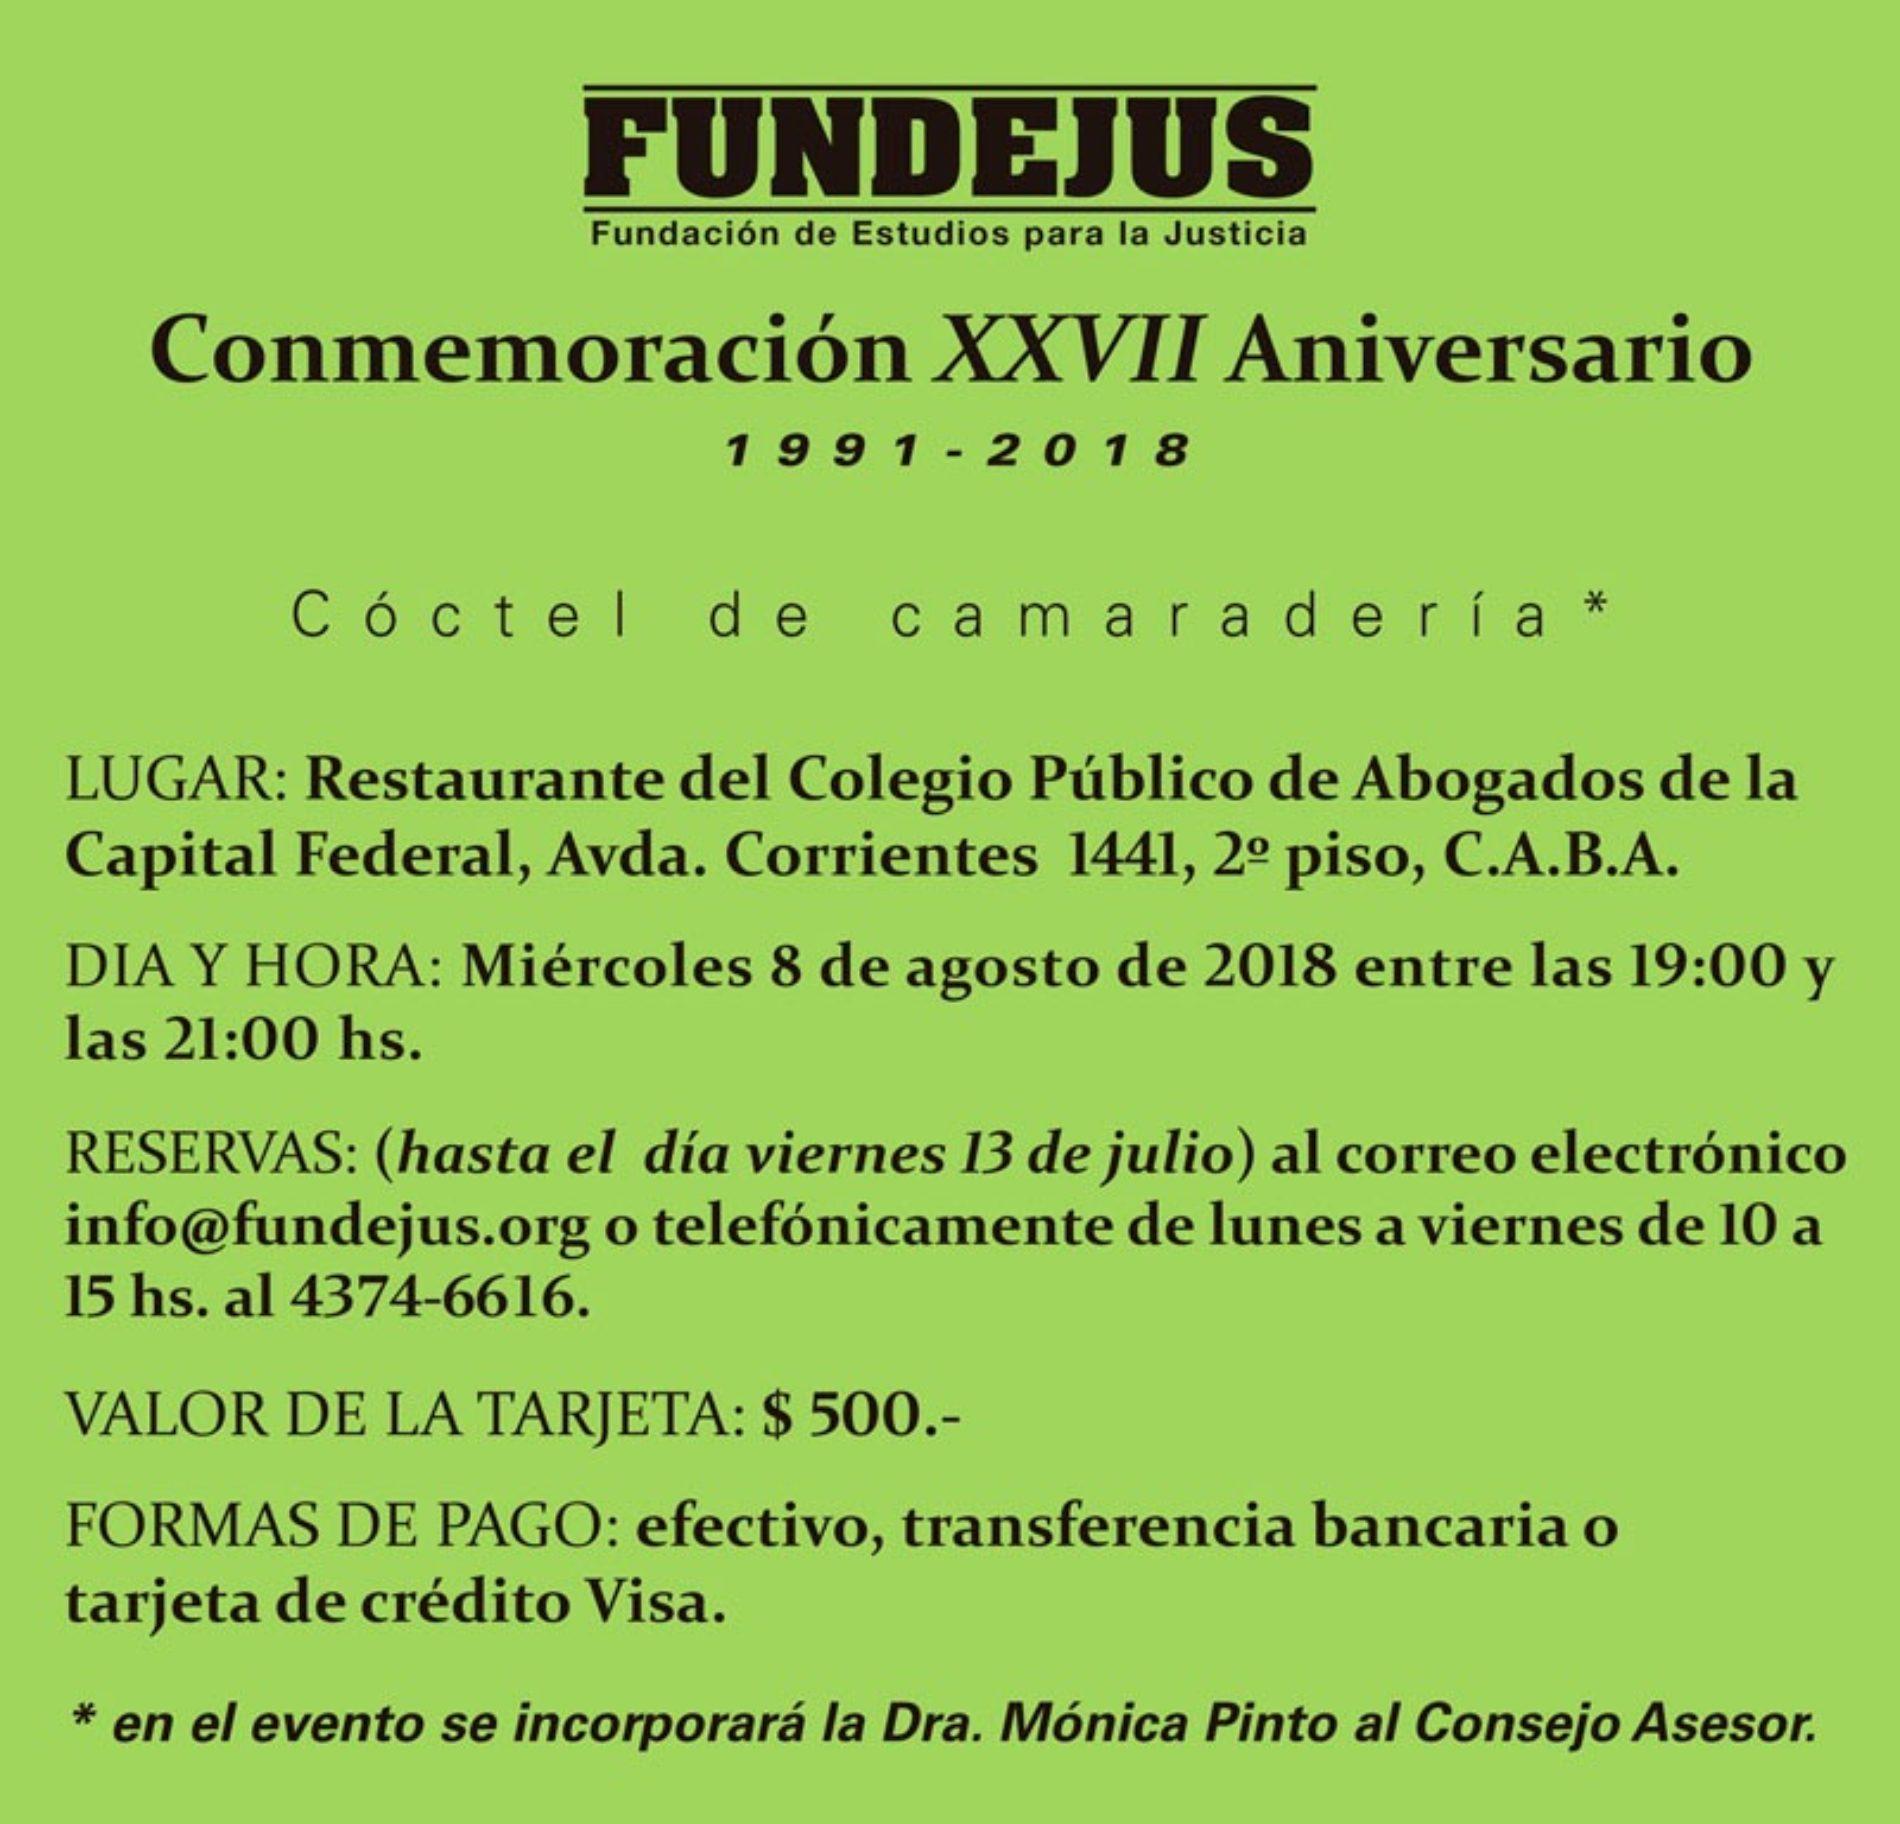 «Conmemoración XXVII Aniversario de Fundejus». 1991-2018